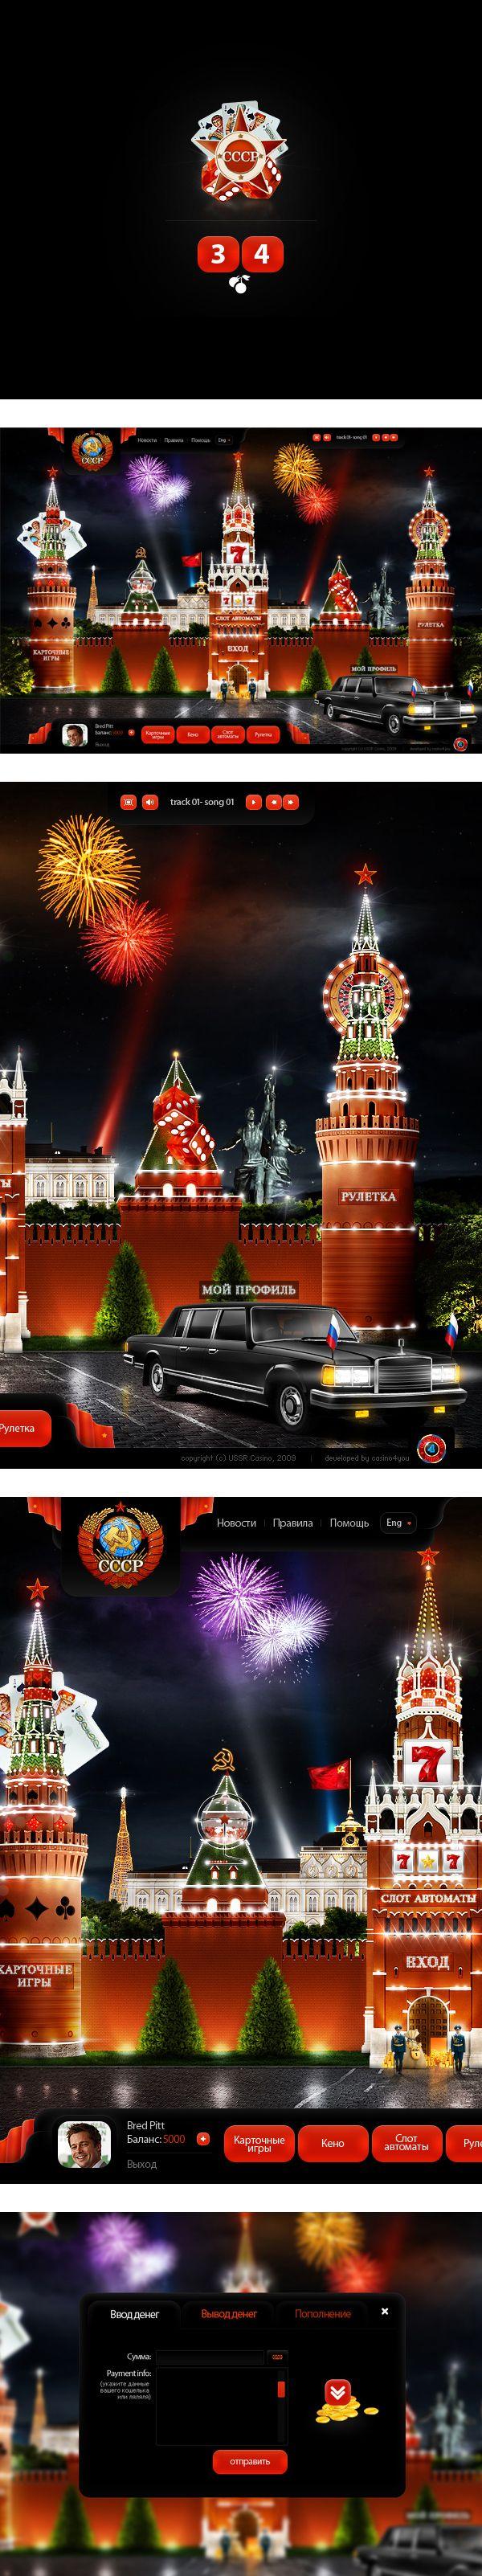 Casino Russia by Oleg Kostyuk, via Behance